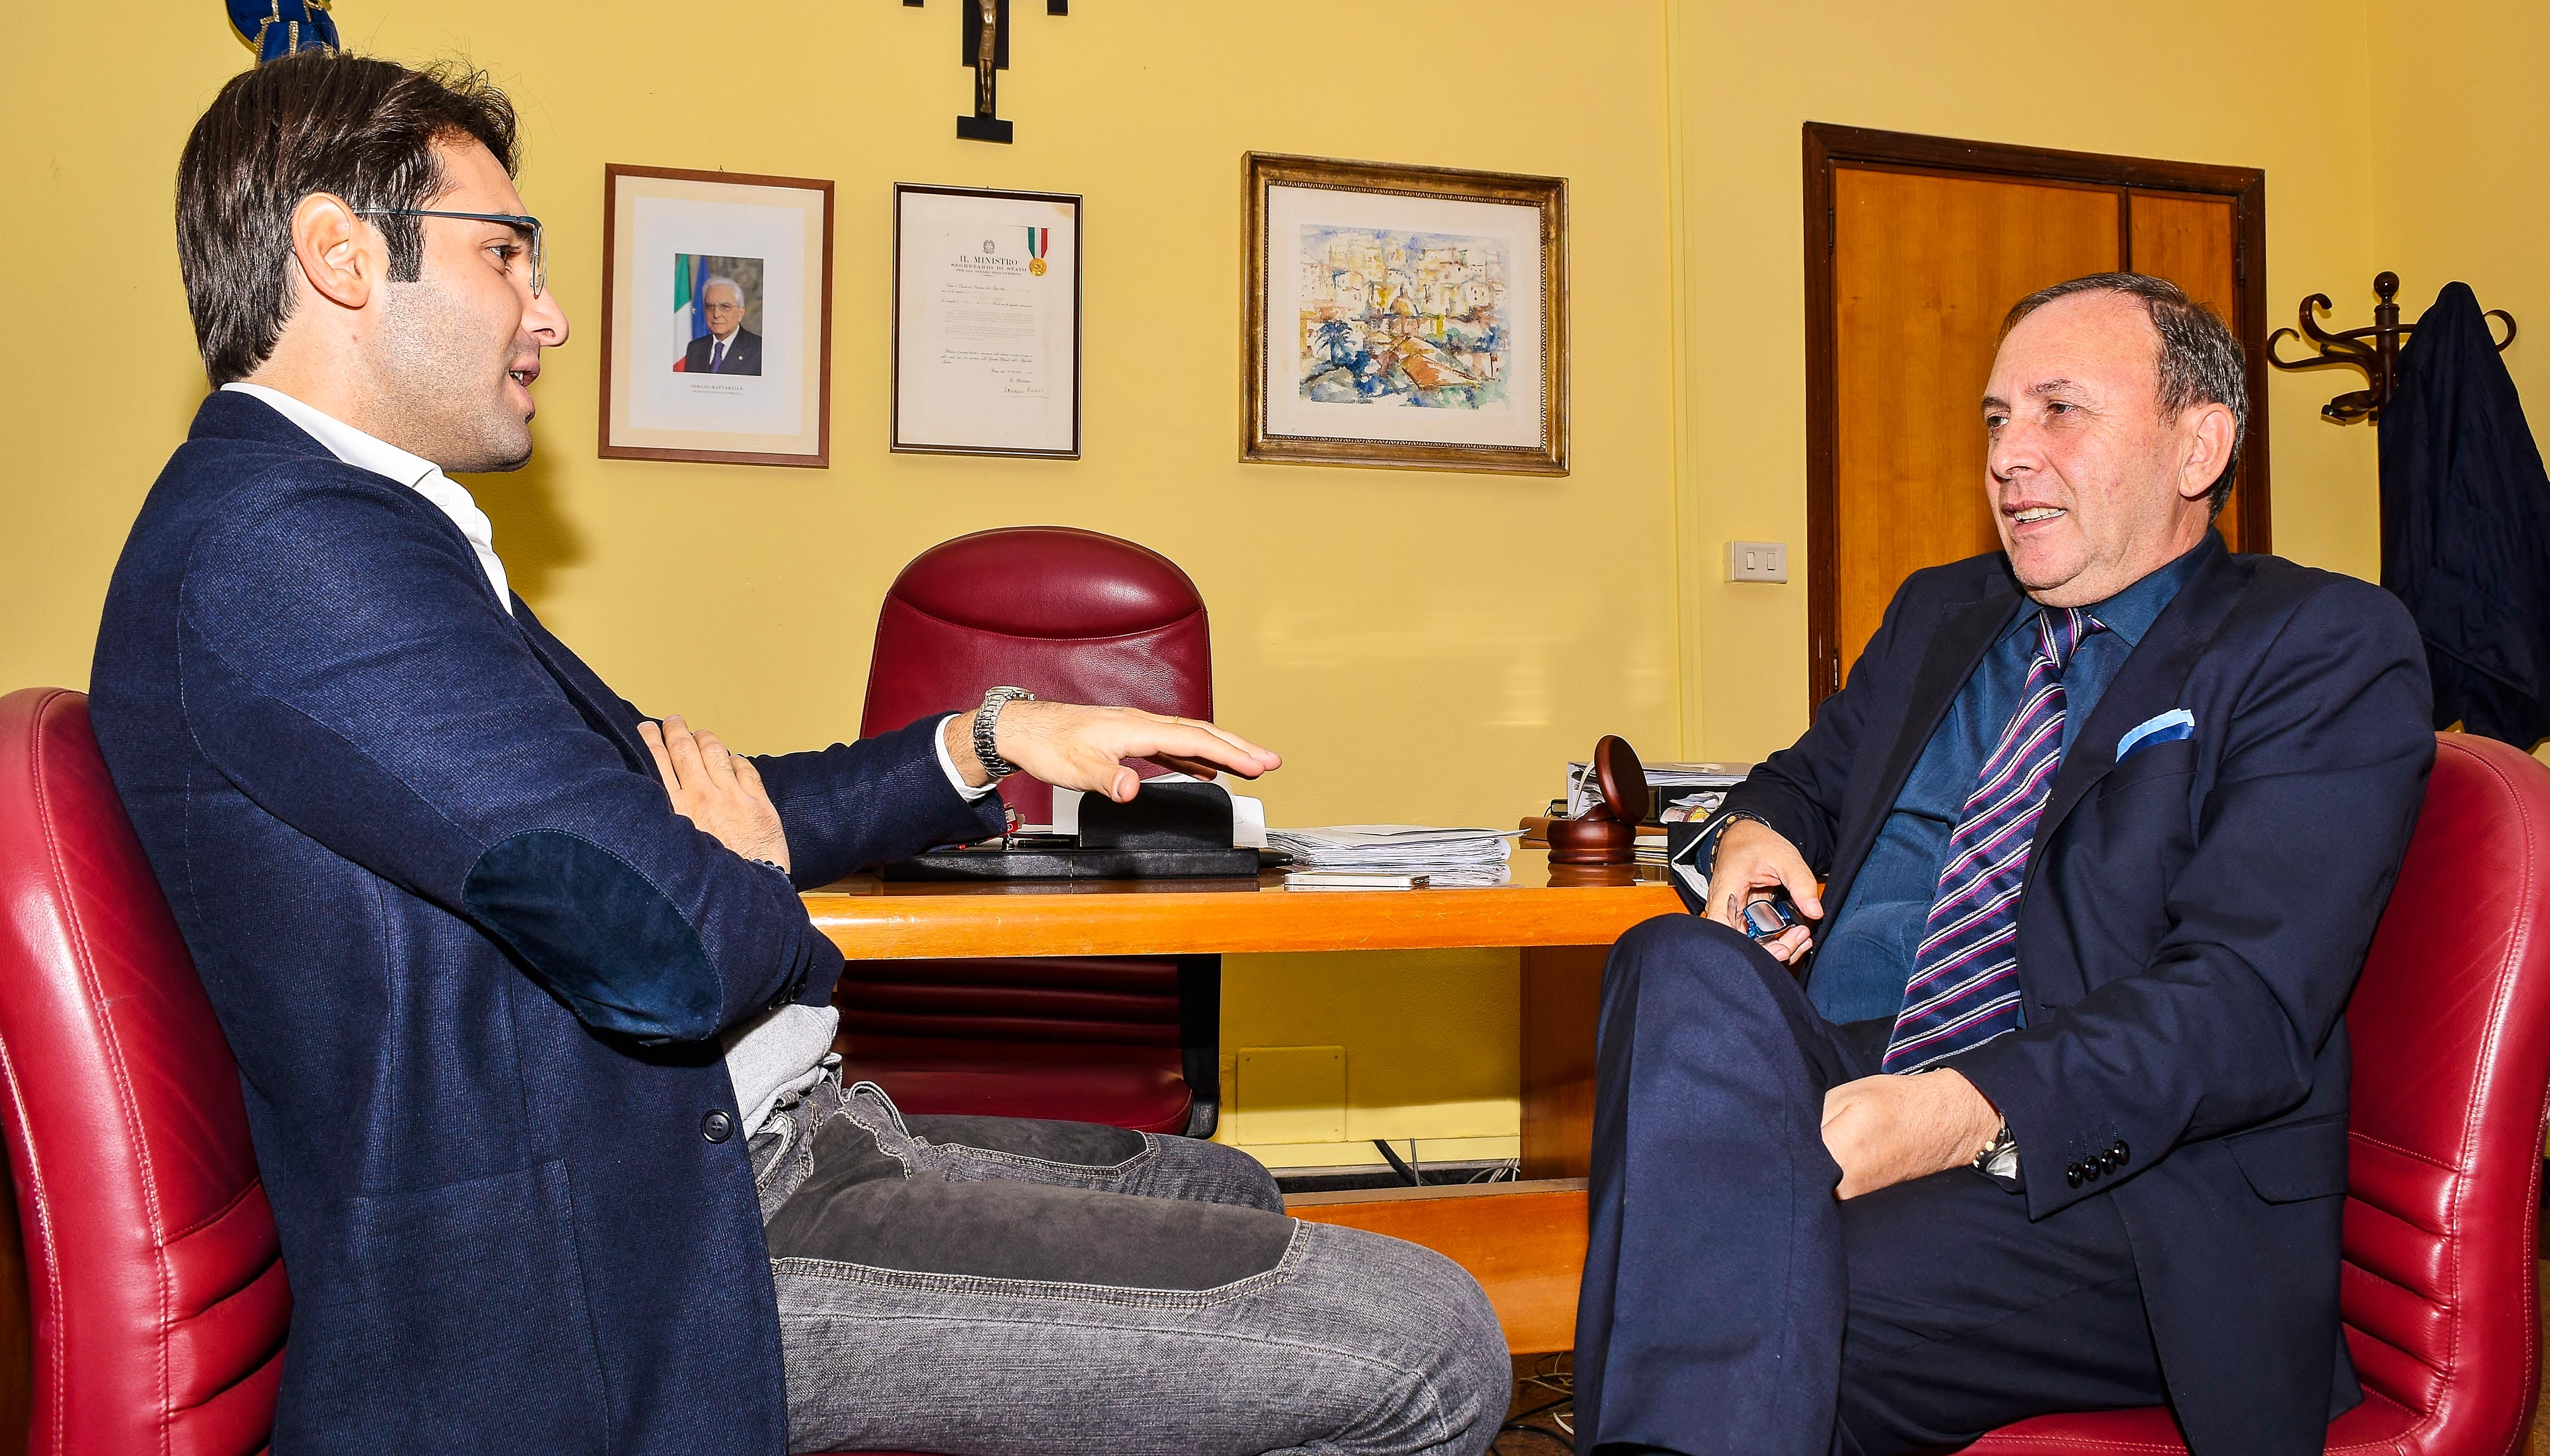 Il direttore di Freedom24 intervista il sindaco di Paternò Nino Naso.